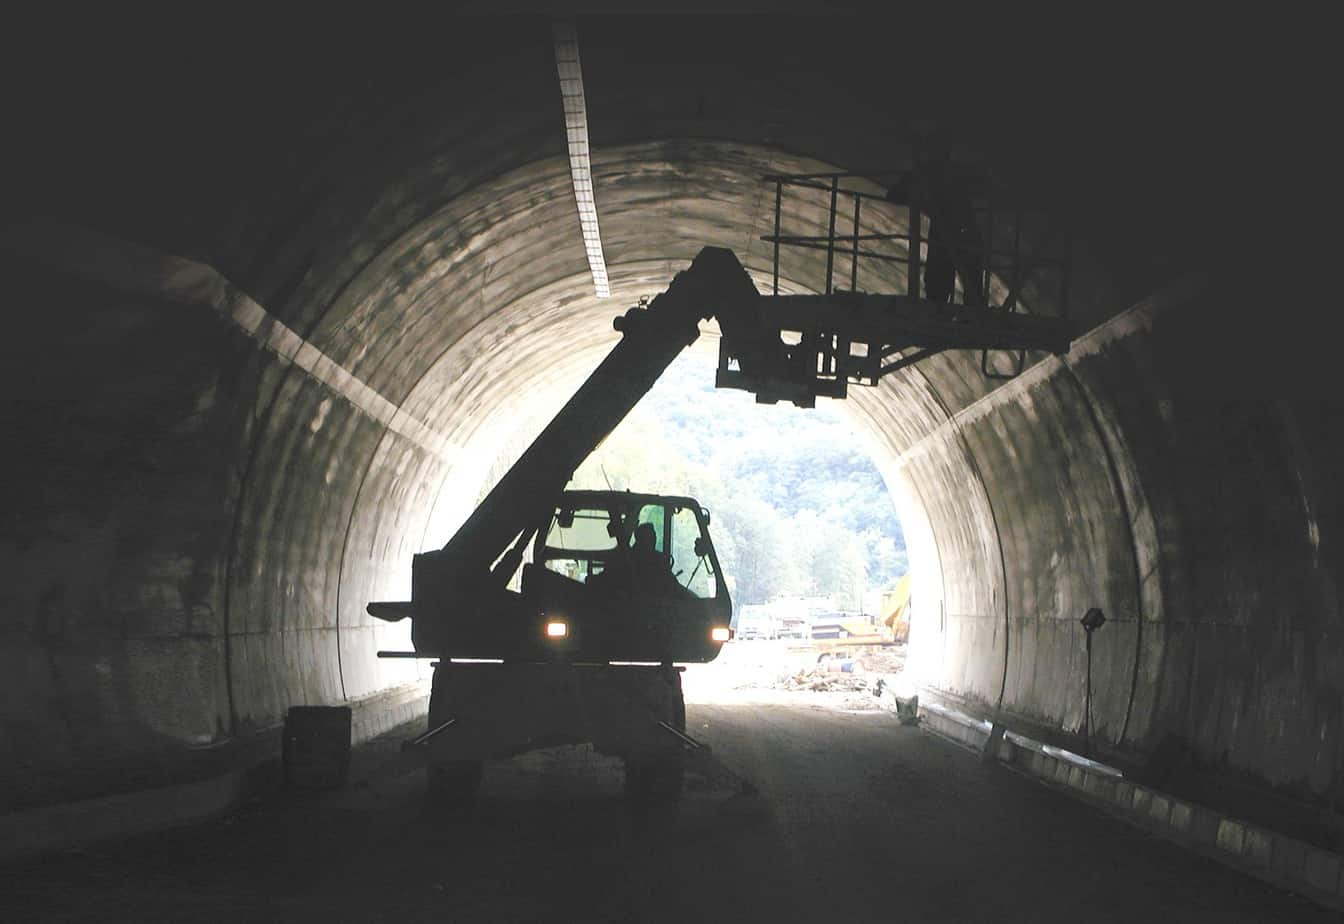 I Roto sono un valido strumento nei tunnel e facilitano la movimentazione di ogni carico. Per ampliare la duttilità operativa di queste macchine, la Società Merlo mette a disposizione un'ampia gamma di attrezzi oltre al posacentine